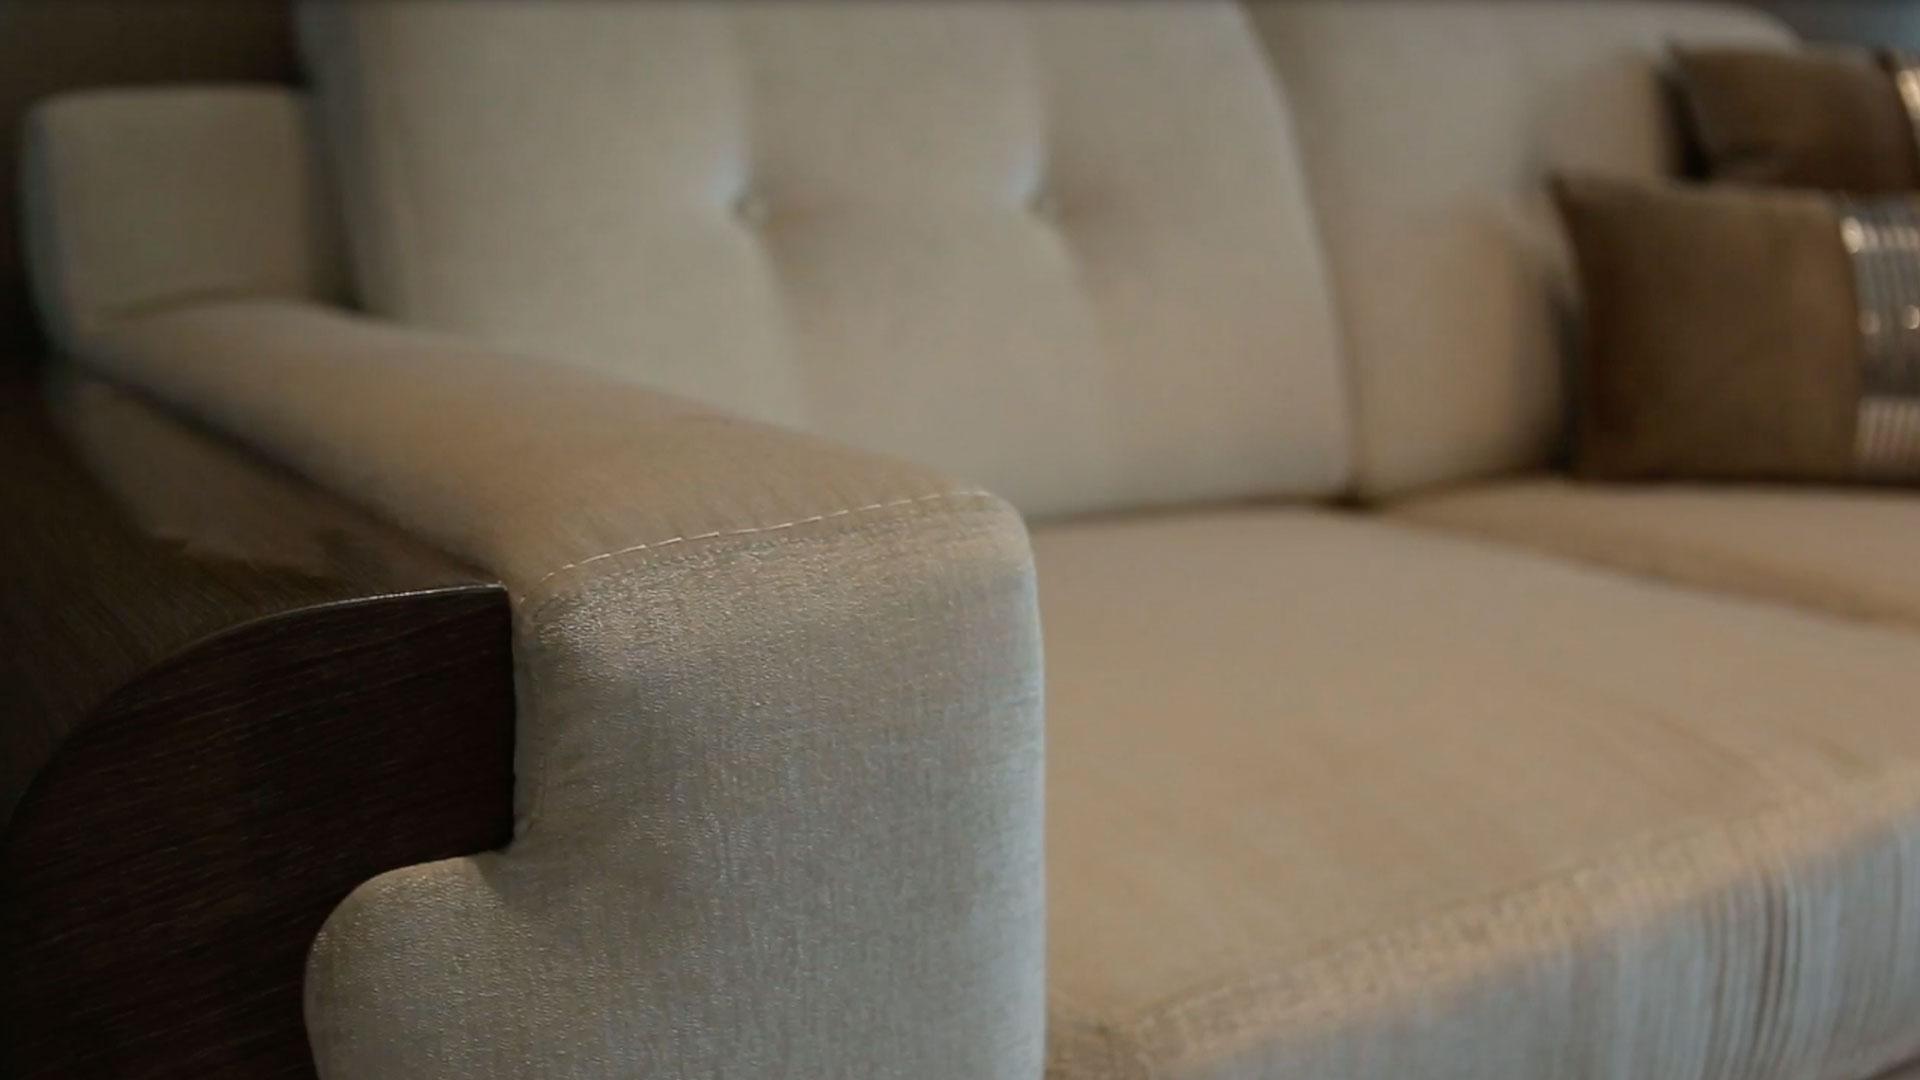 Kasa Dise O Interior Mobiliario Lamparas Y Decoraci N  # Muebles Kasa Design